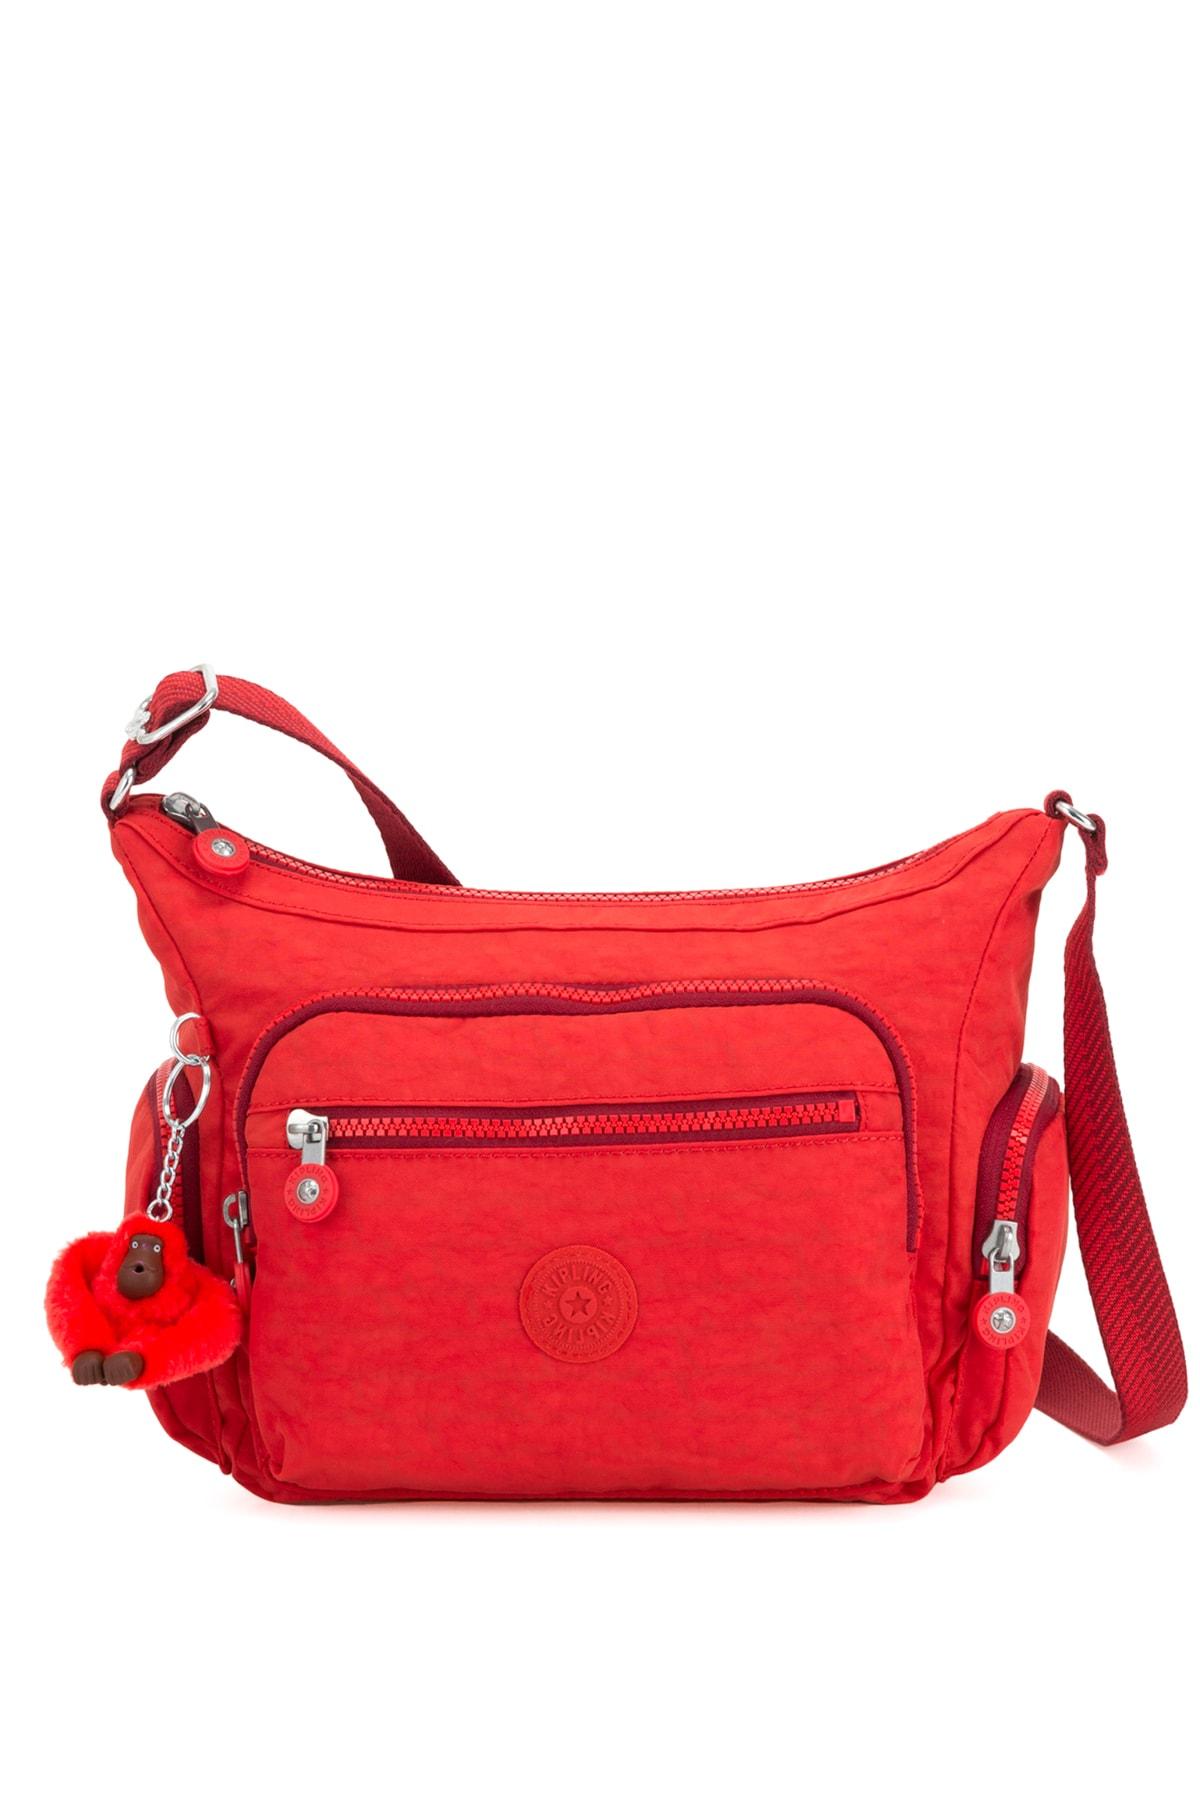 Kipling Kadın Active Red Omuz Çantası 19Y.KDN.CPR.MEB.0031 1